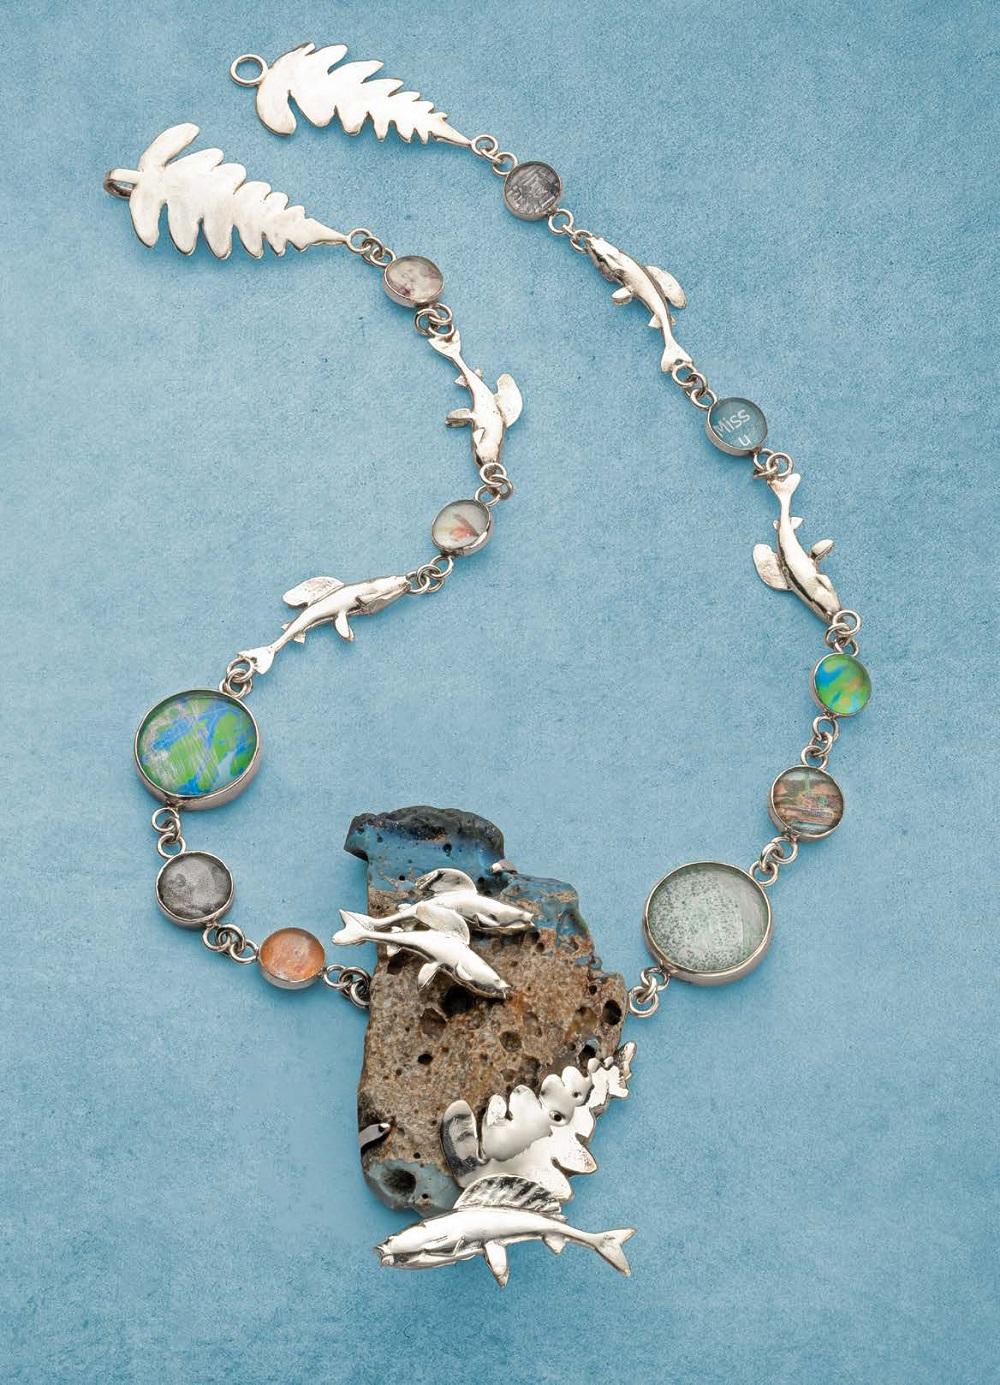 leland blue necklace by Betsy Lehndorff